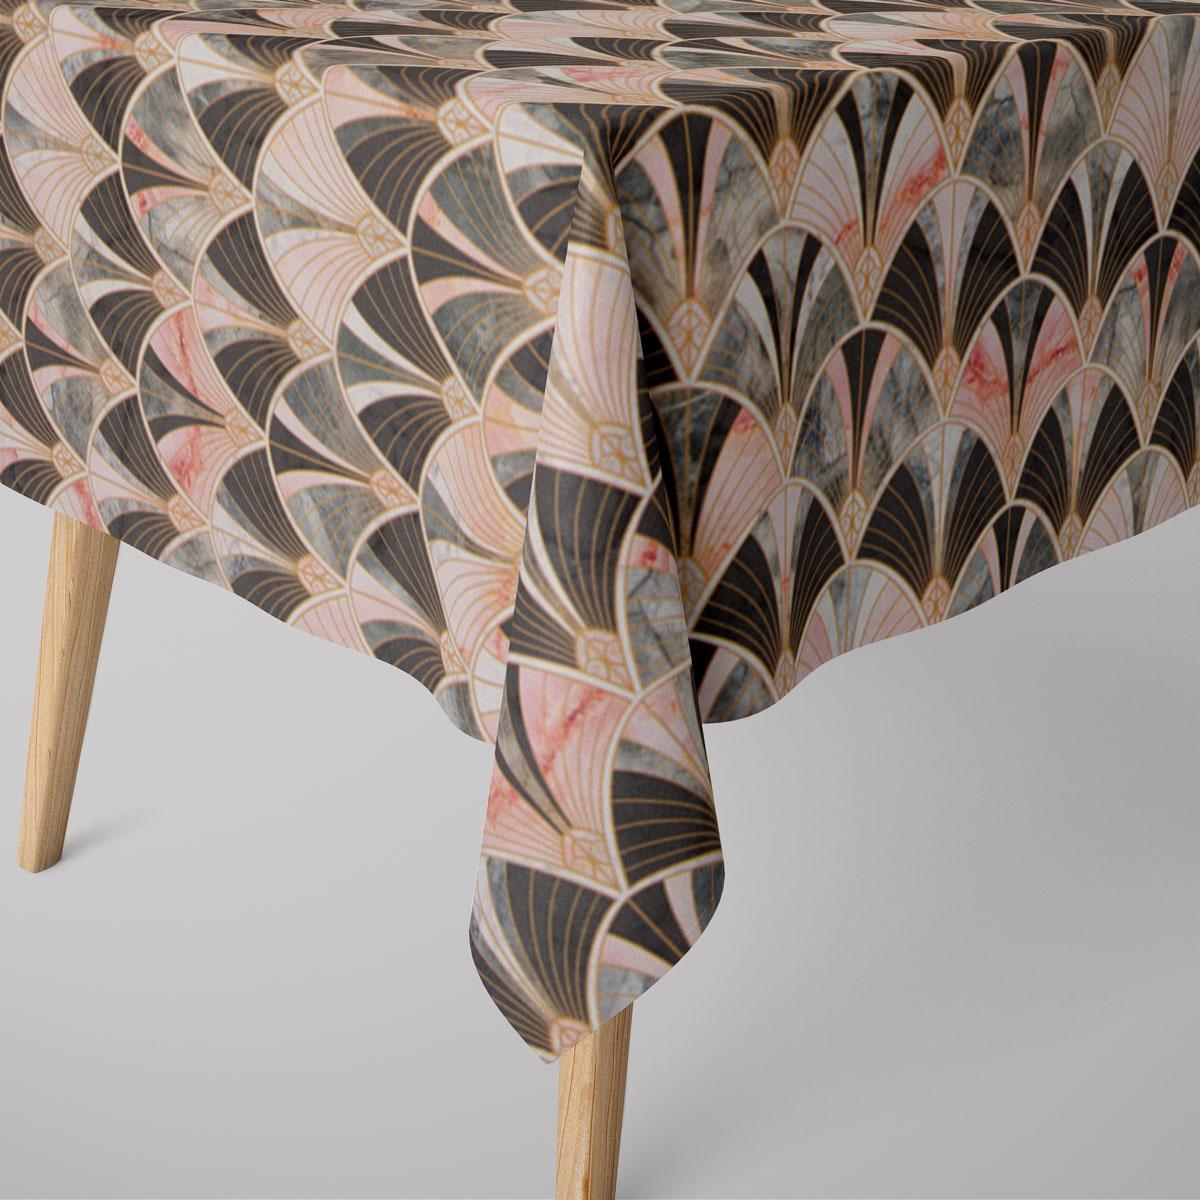 SCHÖNER LEBEN. Tischdecke Art Deco Bogen Marmor grün rosa braun verschiedene Größen